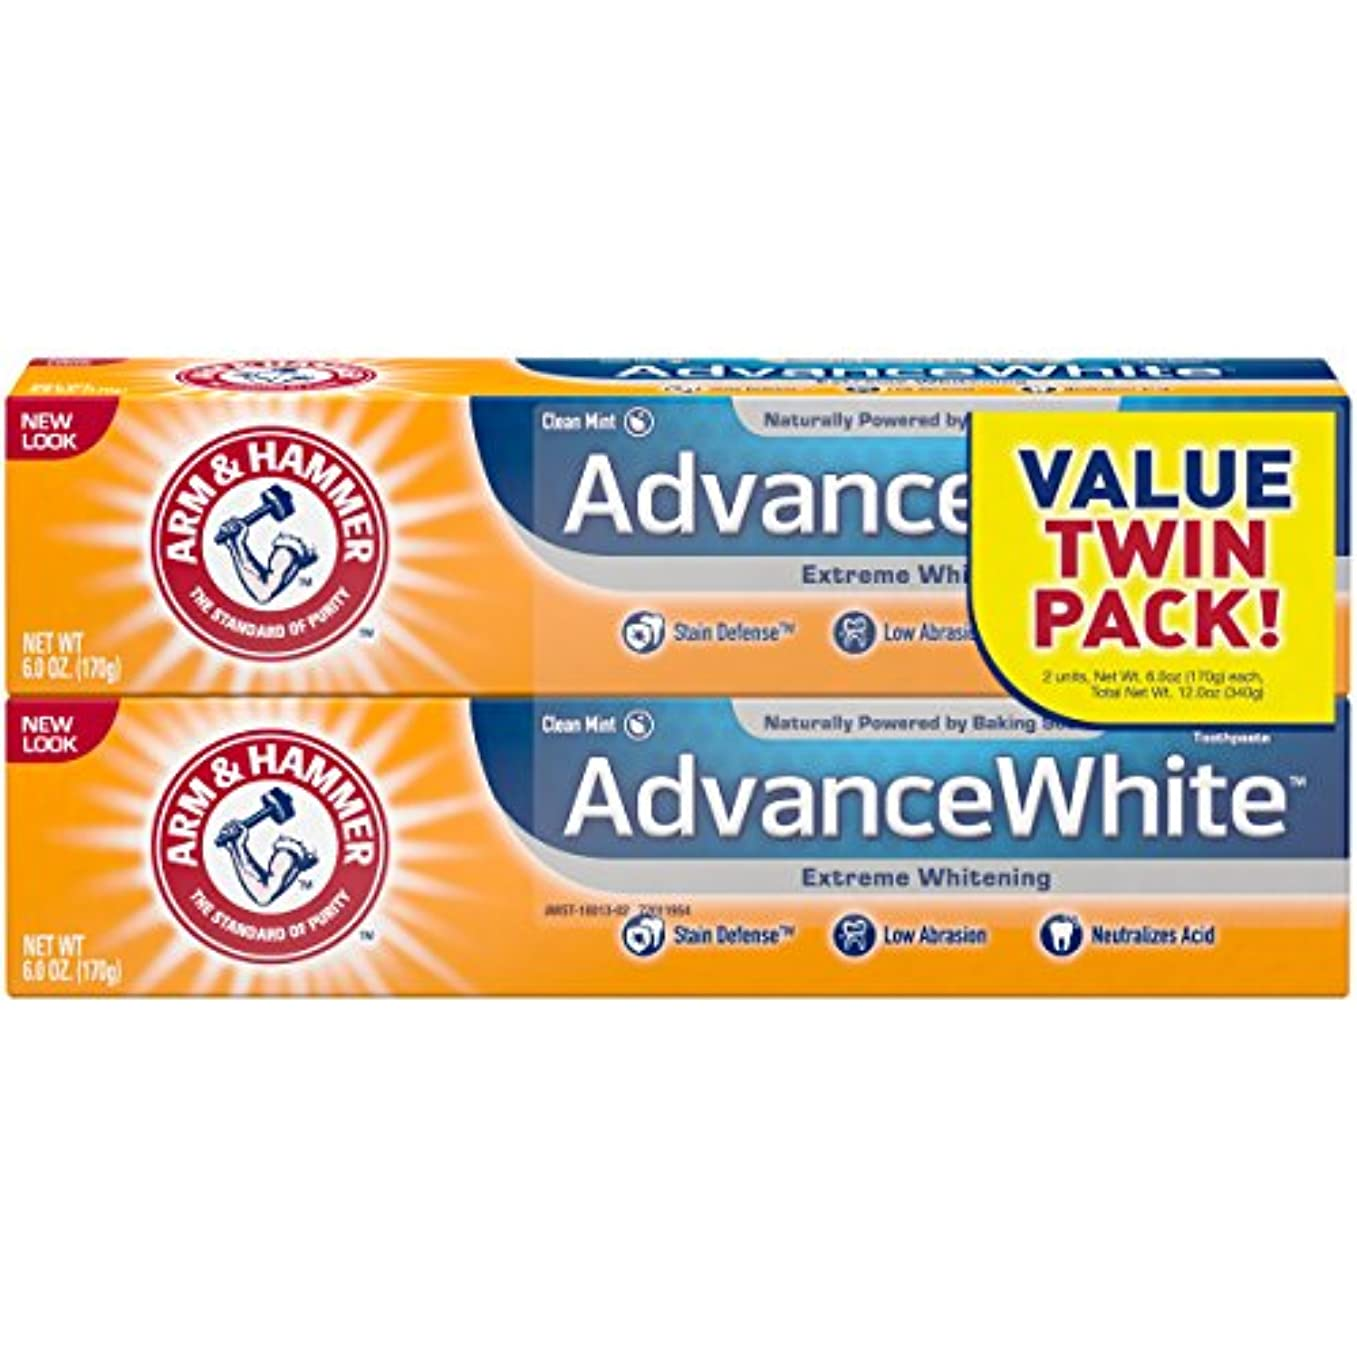 倍増無人ライオネルグリーンストリートArm & Hammer アーム&ハマー アドバンス ホワイト 歯磨き粉 2個パック Toothpaste with Baking Soda & Peroxide